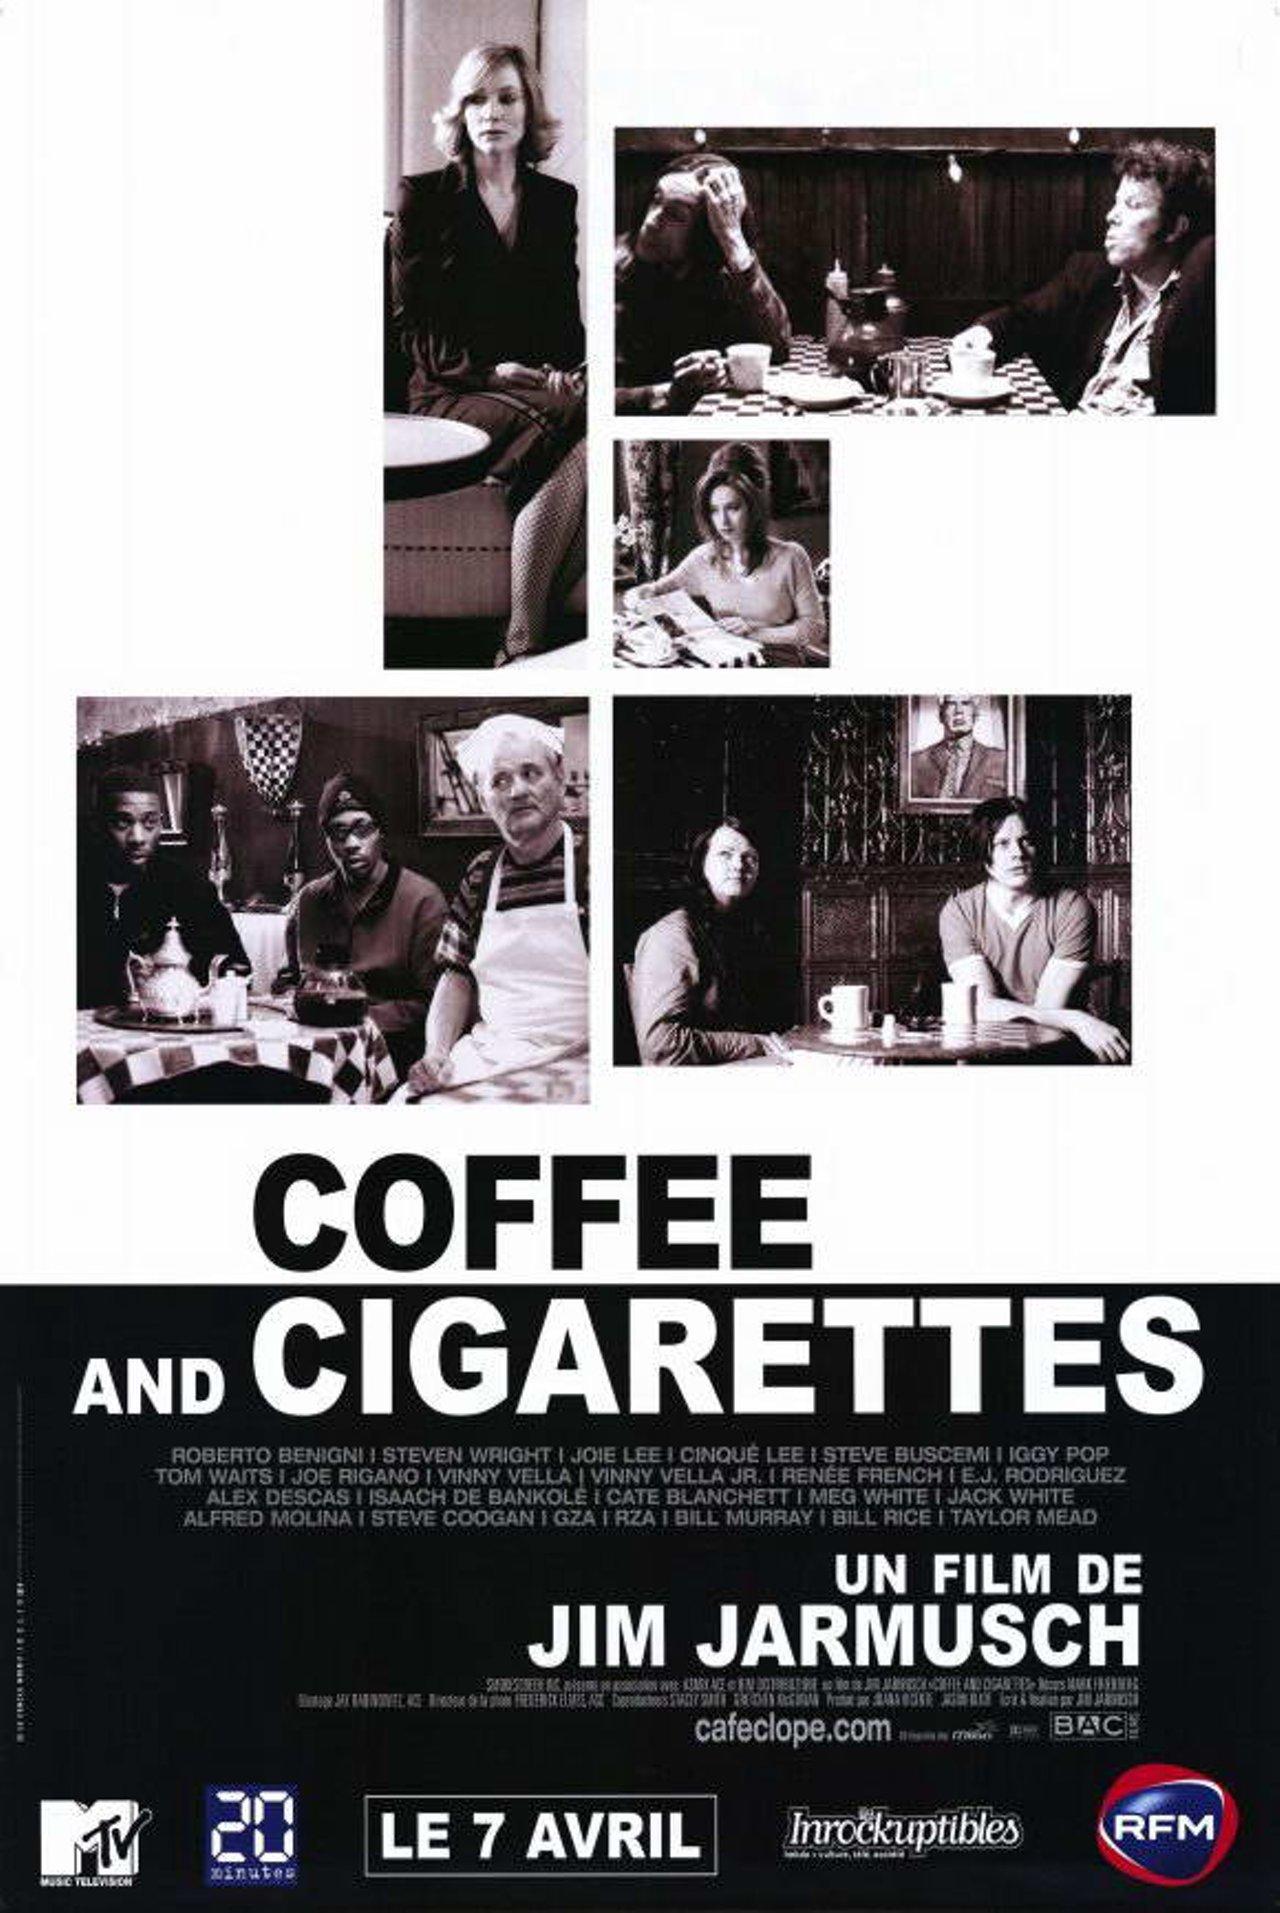 Кофе и сигареты фильм онлайн проверка акцизной марки сигареты онлайн